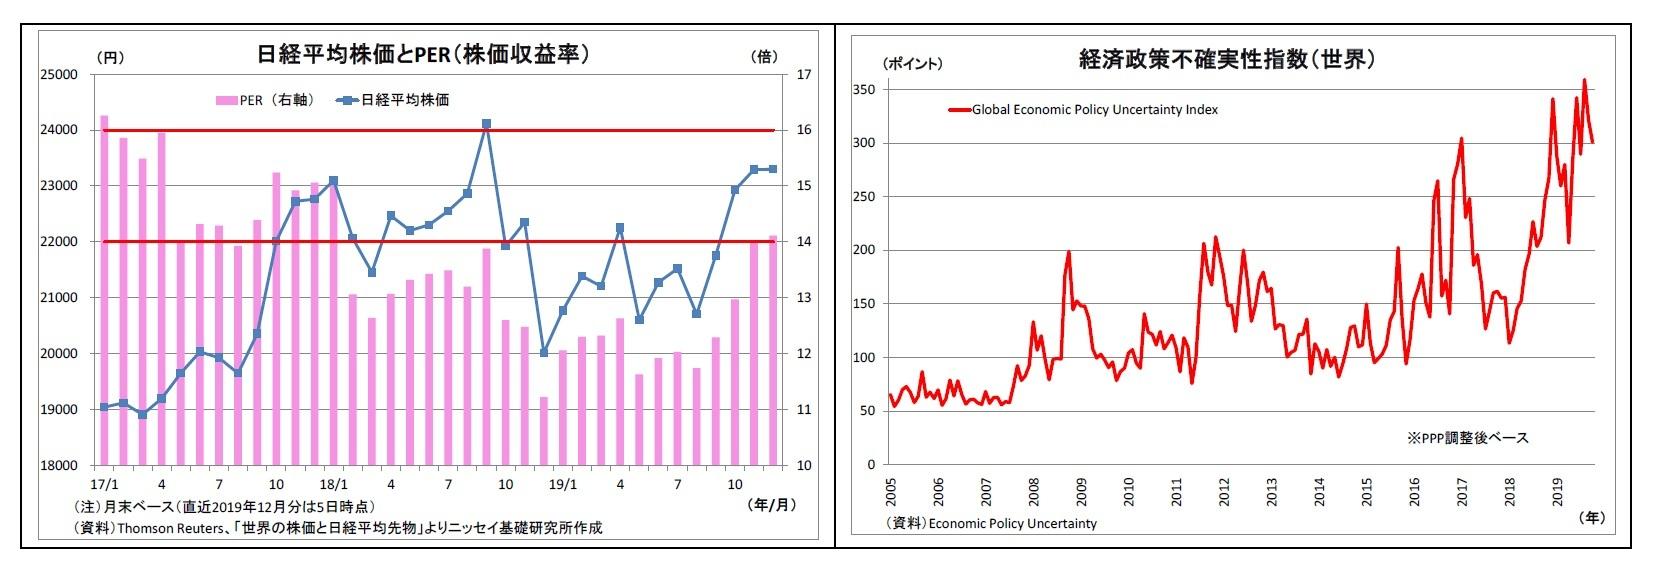 日経平均株価とPER(株価収益率)/経済政策不確実性指数(世界)